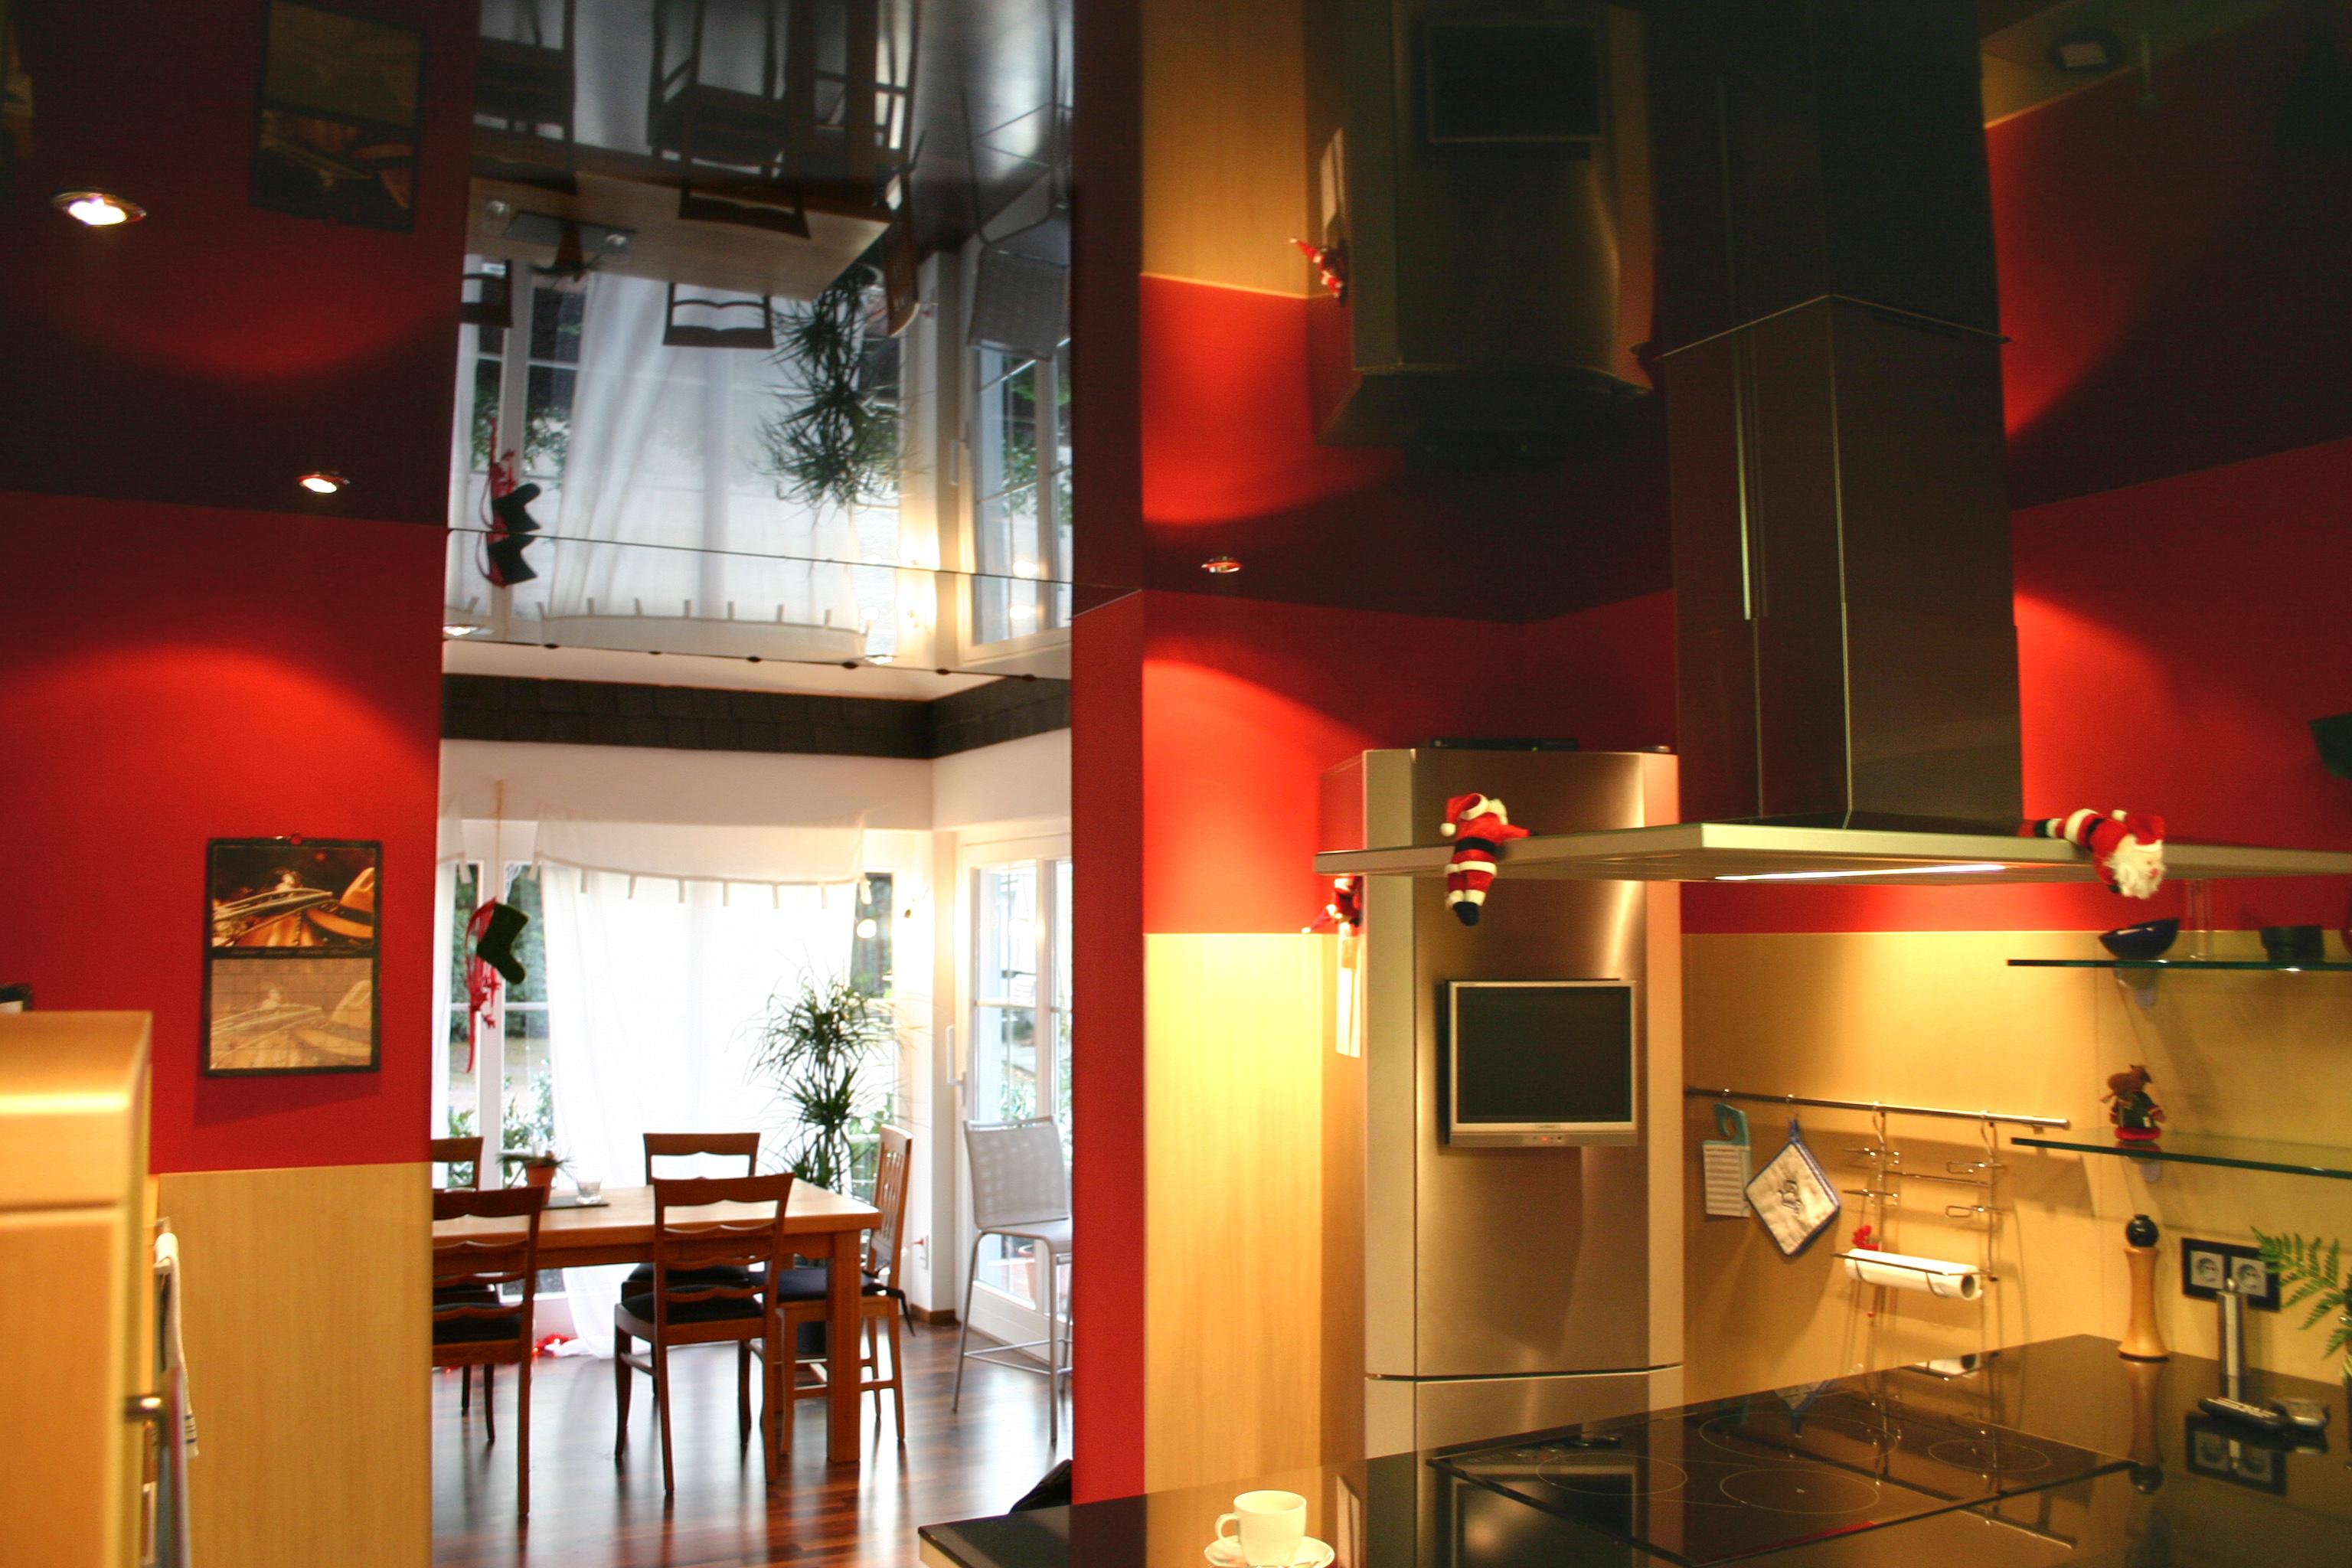 Berühmt Küchen Unternehmen Wilmington Dela Fotos - Ideen Für Die ...